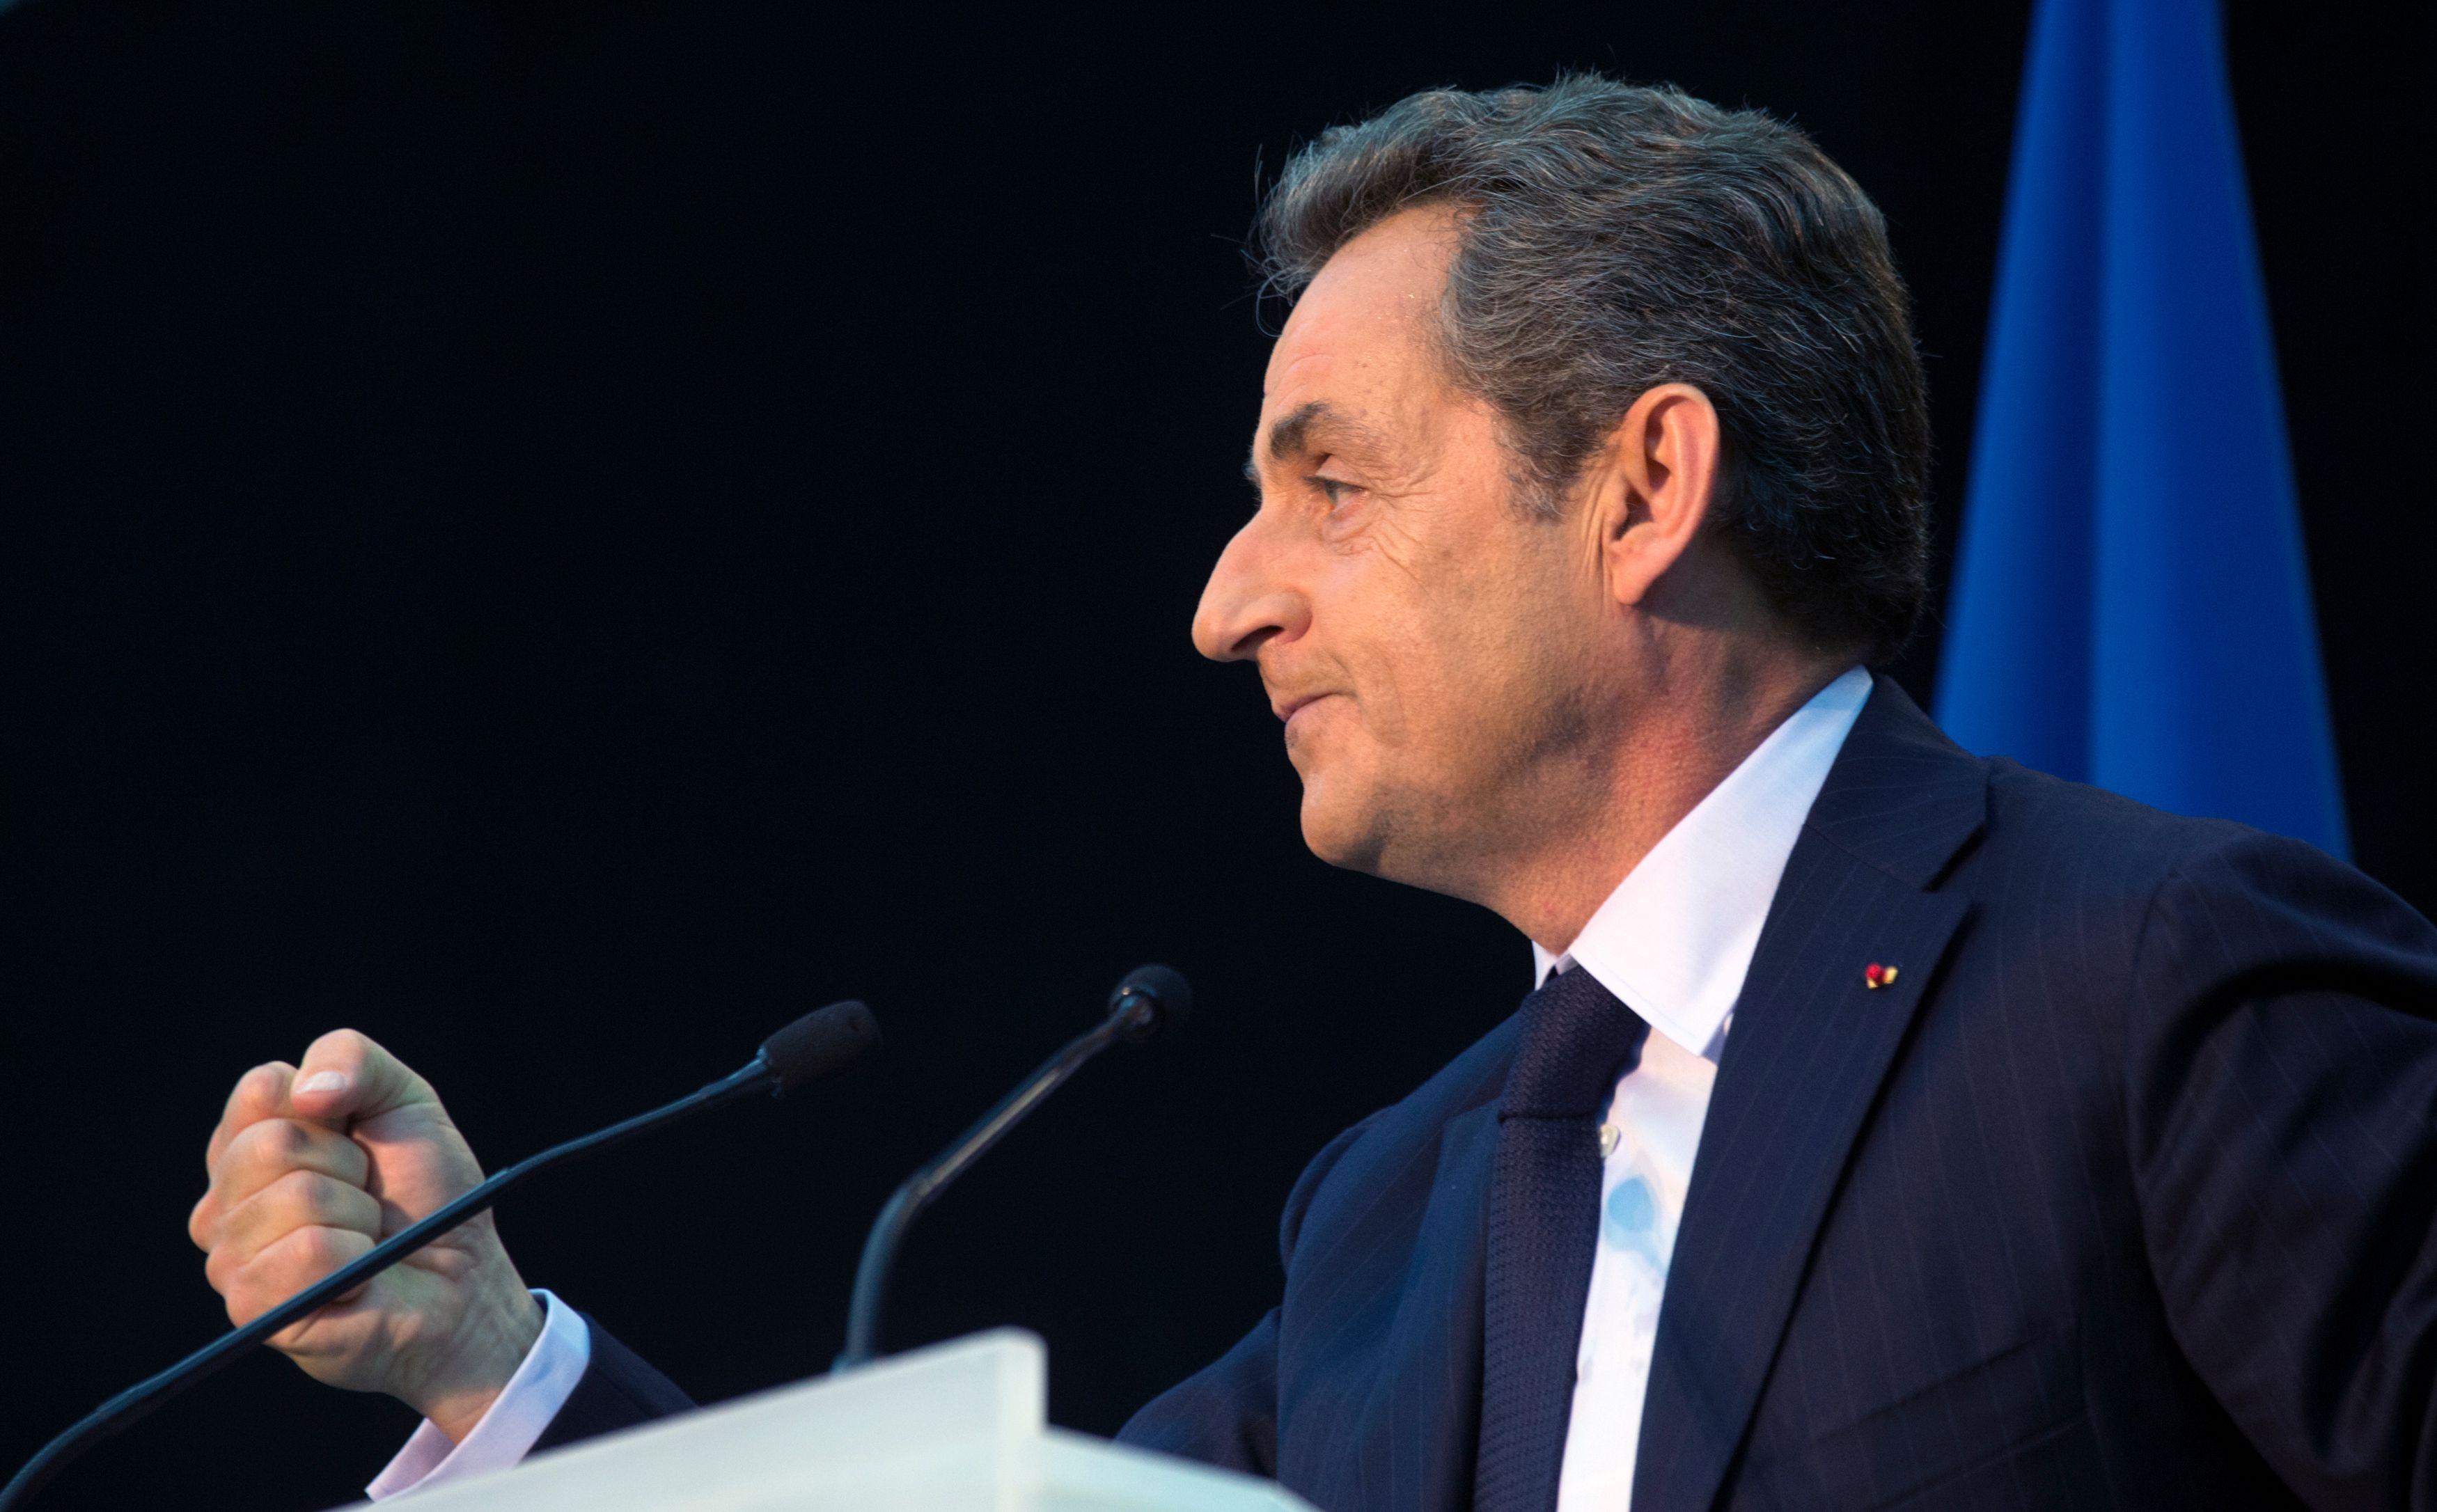 Sarkozy 2.0 : les 5 tweets qu'il ne fallait pas manquer pour comprendre l'offre politique qu'il entend incarner pour 2017